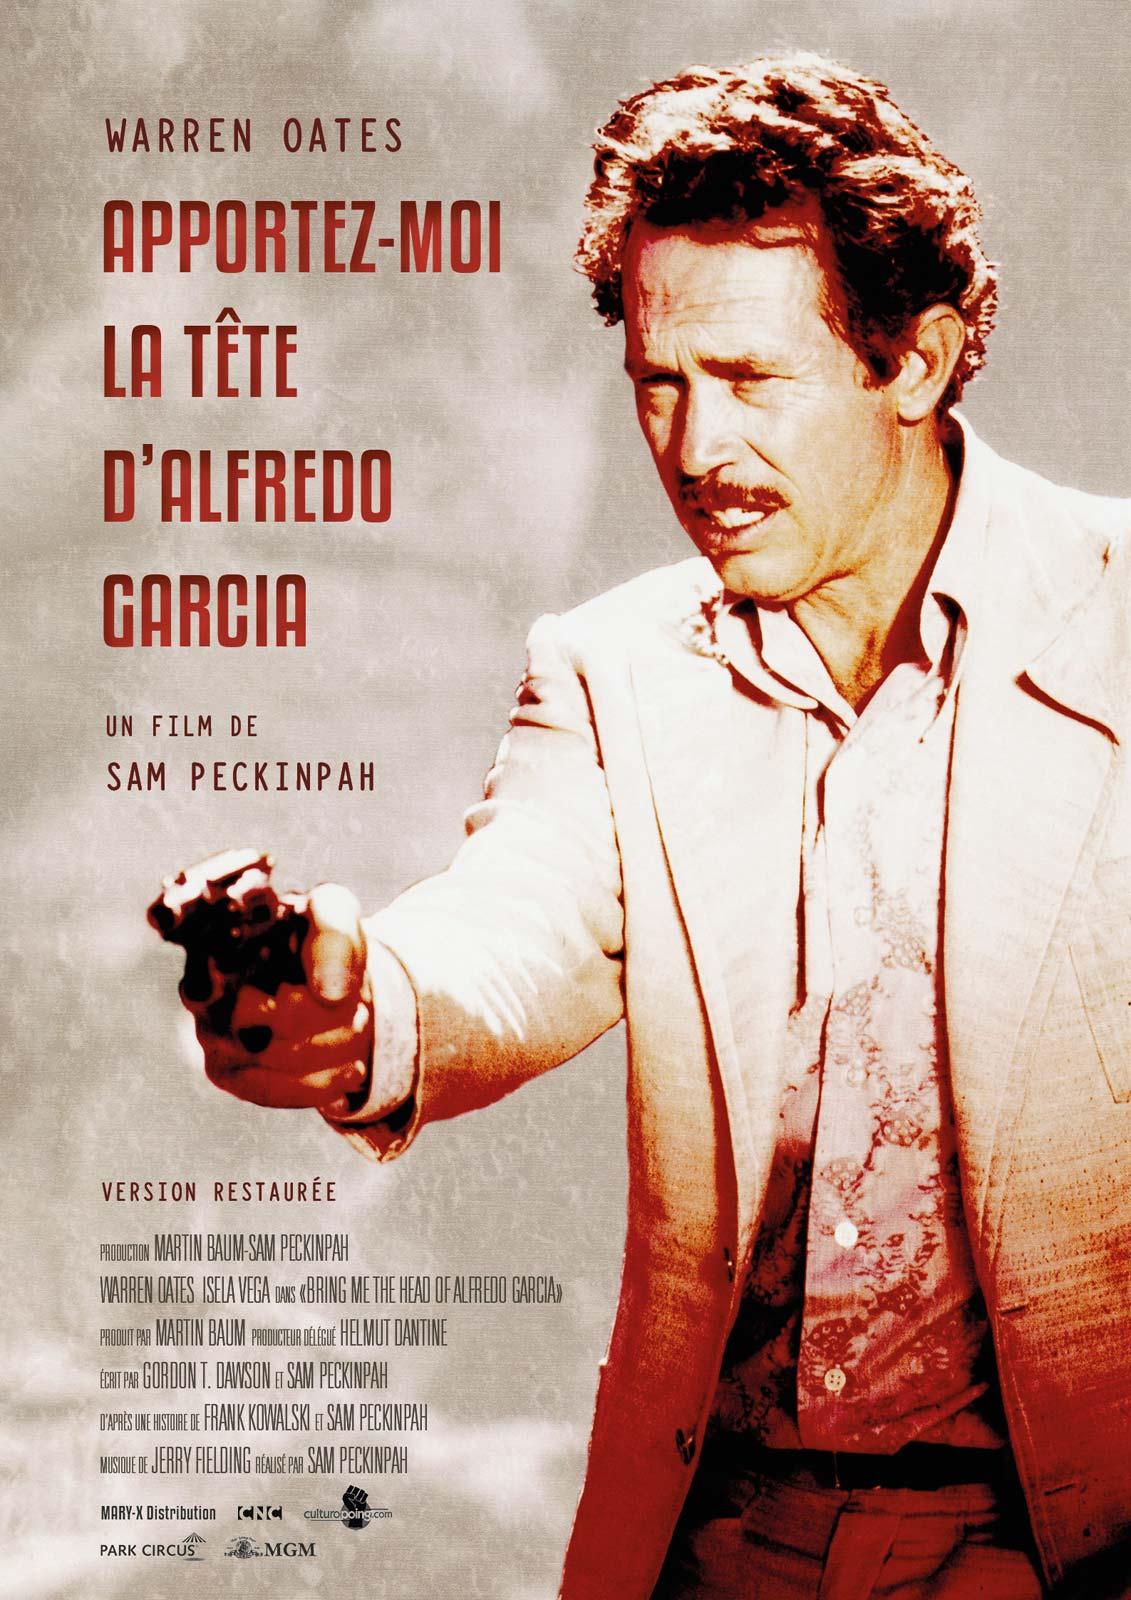 Apportez-moi la tête d'Alfredo Garcia